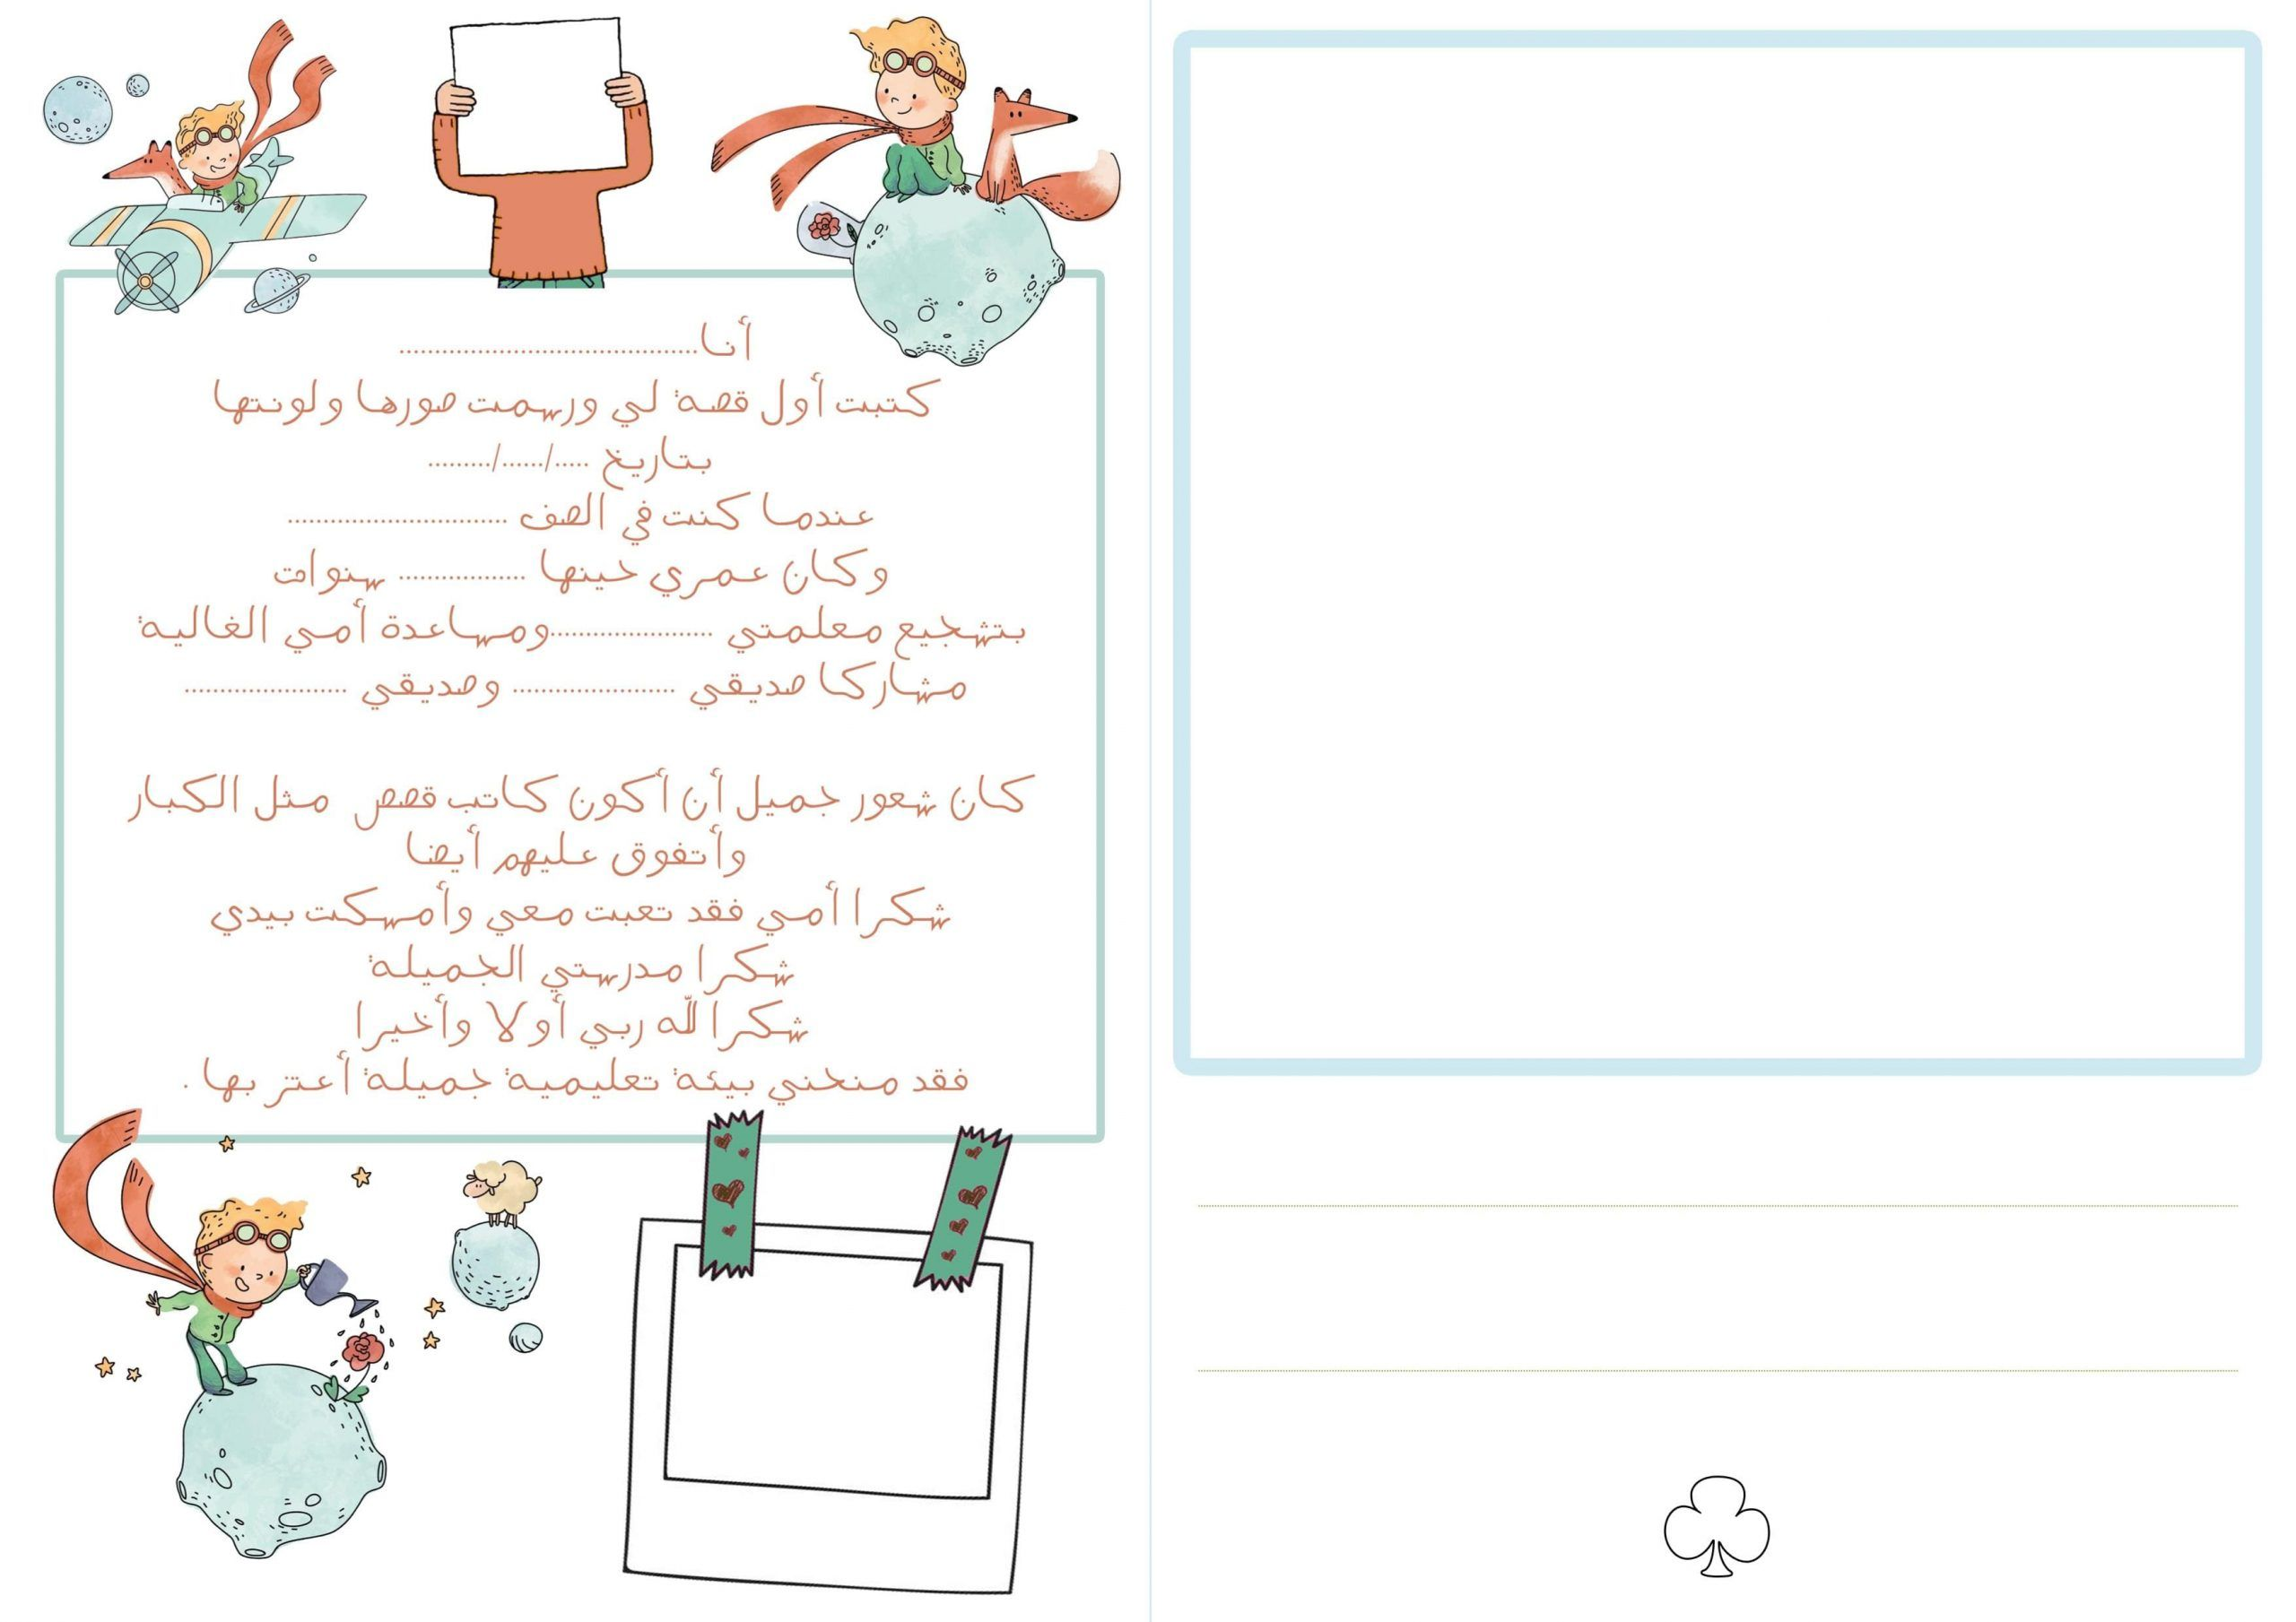 الكاتب الصغير يشجع الاطفال على كتابة القصص القصيرة Bullet Journal Aleo Journal